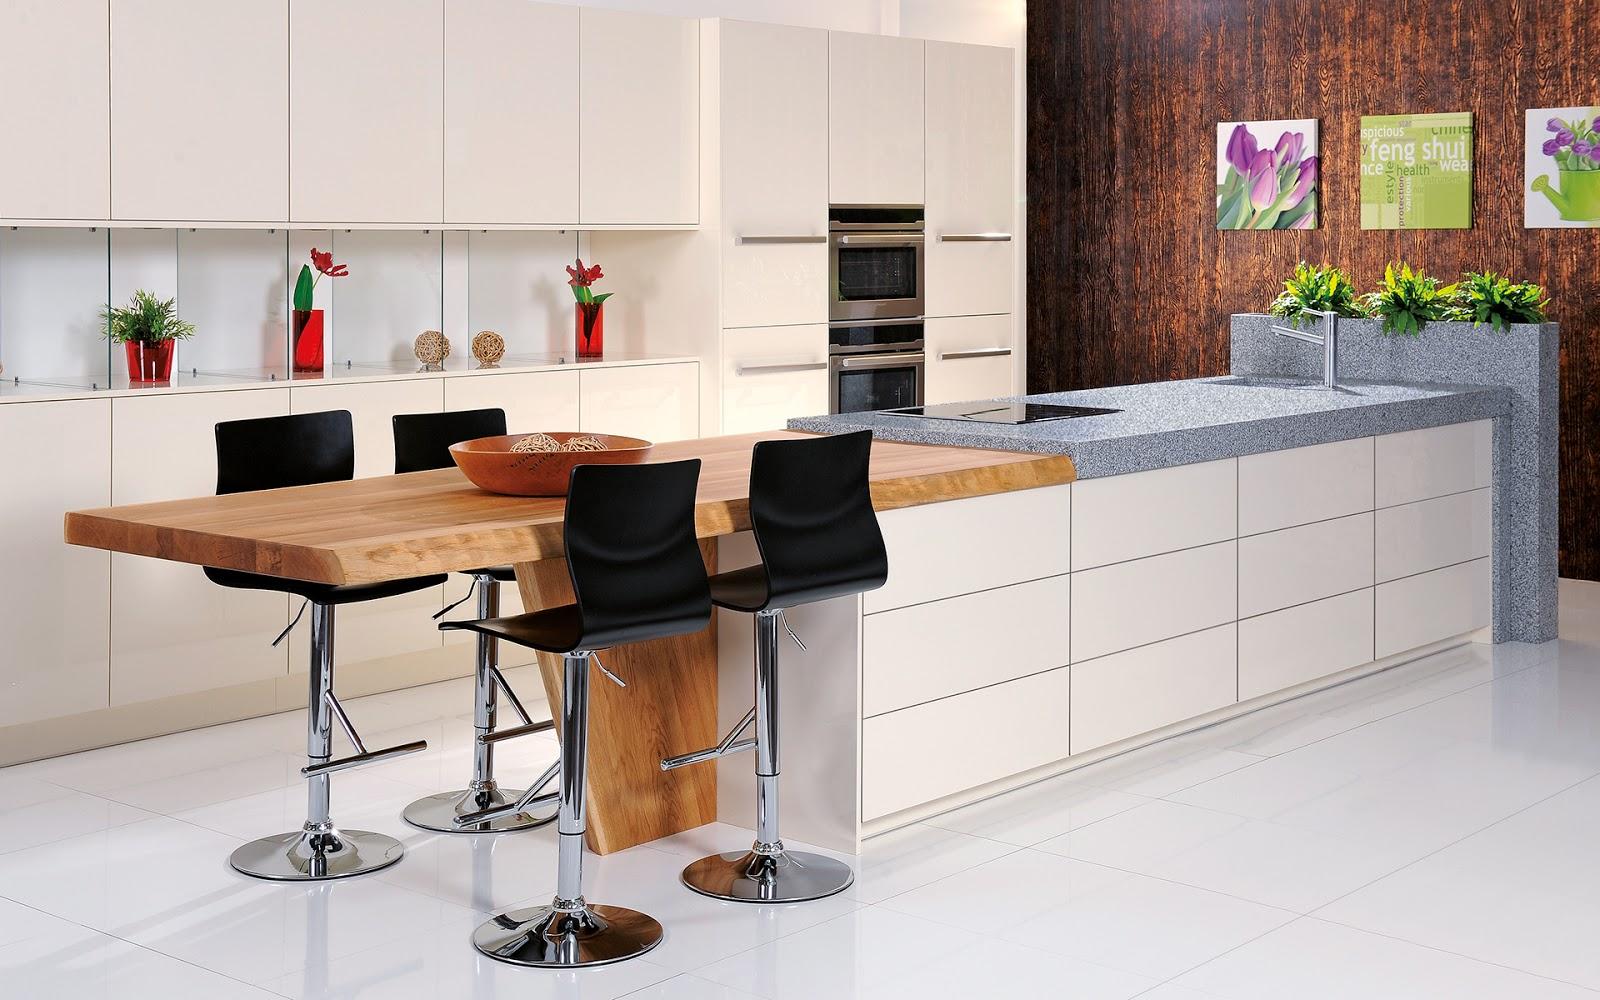 30 ideas de mesas y barras para comer en la cocina for Barras e islas para cocinas